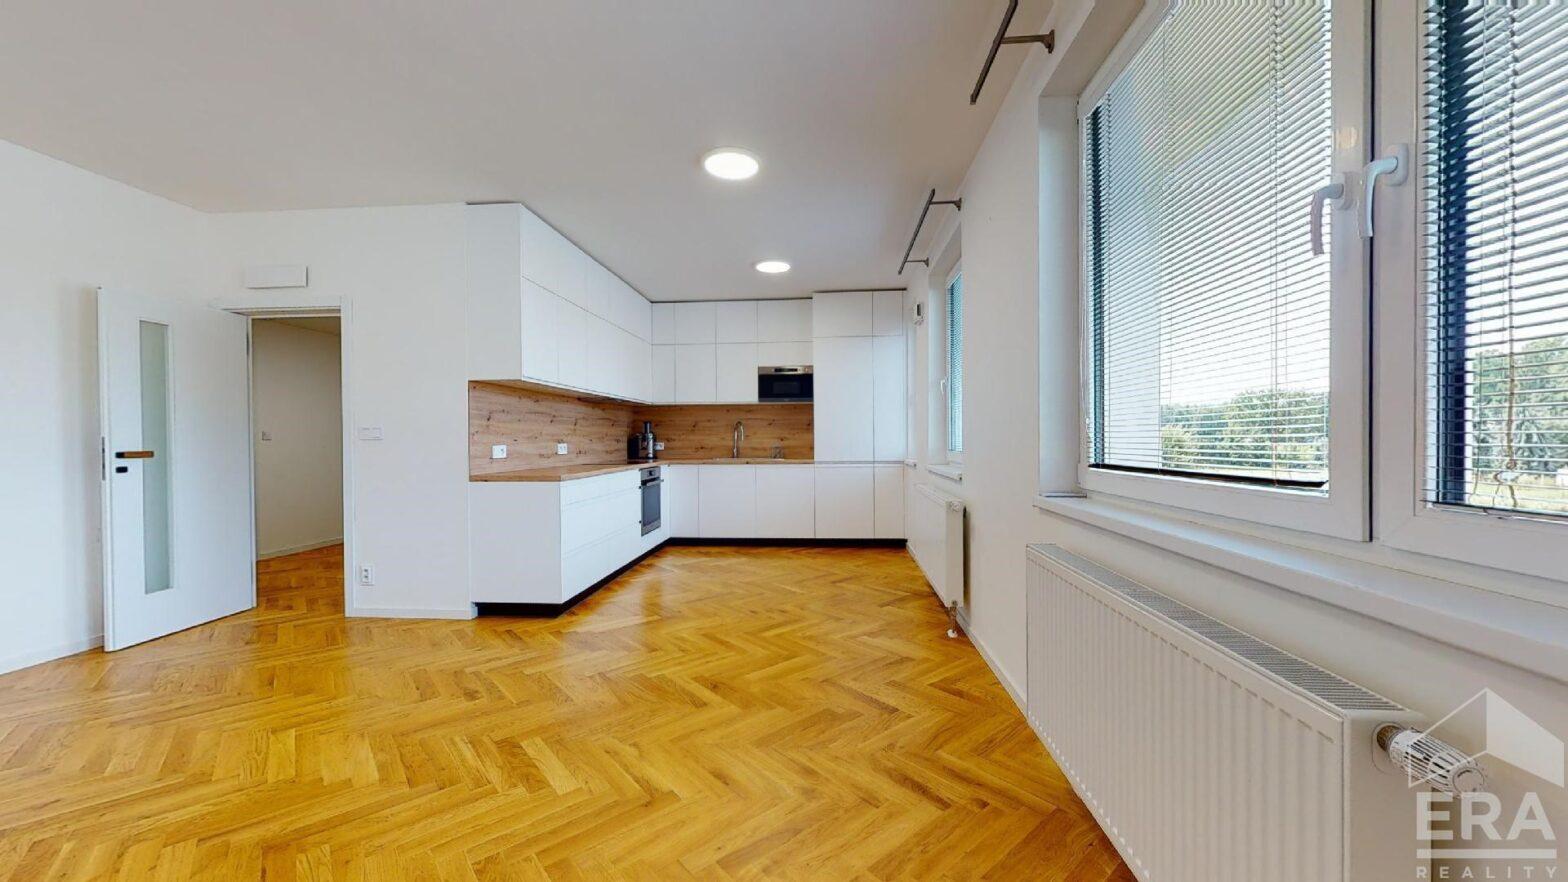 Pronájem kanceláře, 62 m2, ul. Práčská 16, Praha 10 – Záběhlice